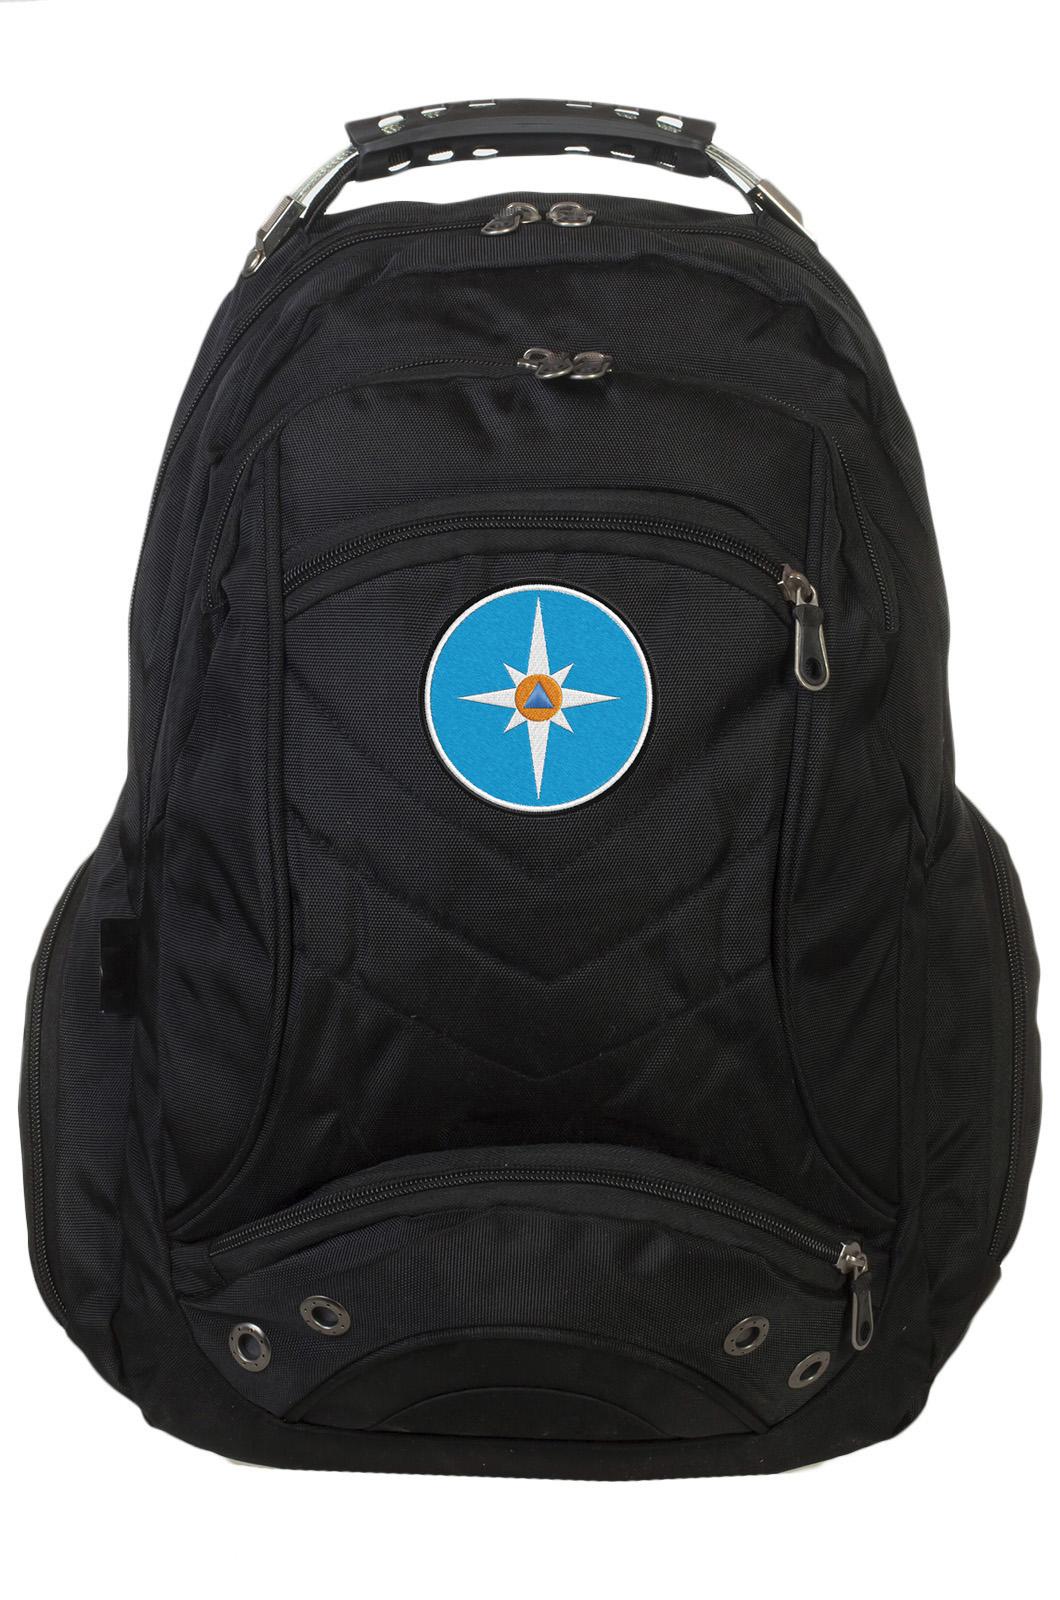 Надежный городской рюкзак с эмблемой МЧС